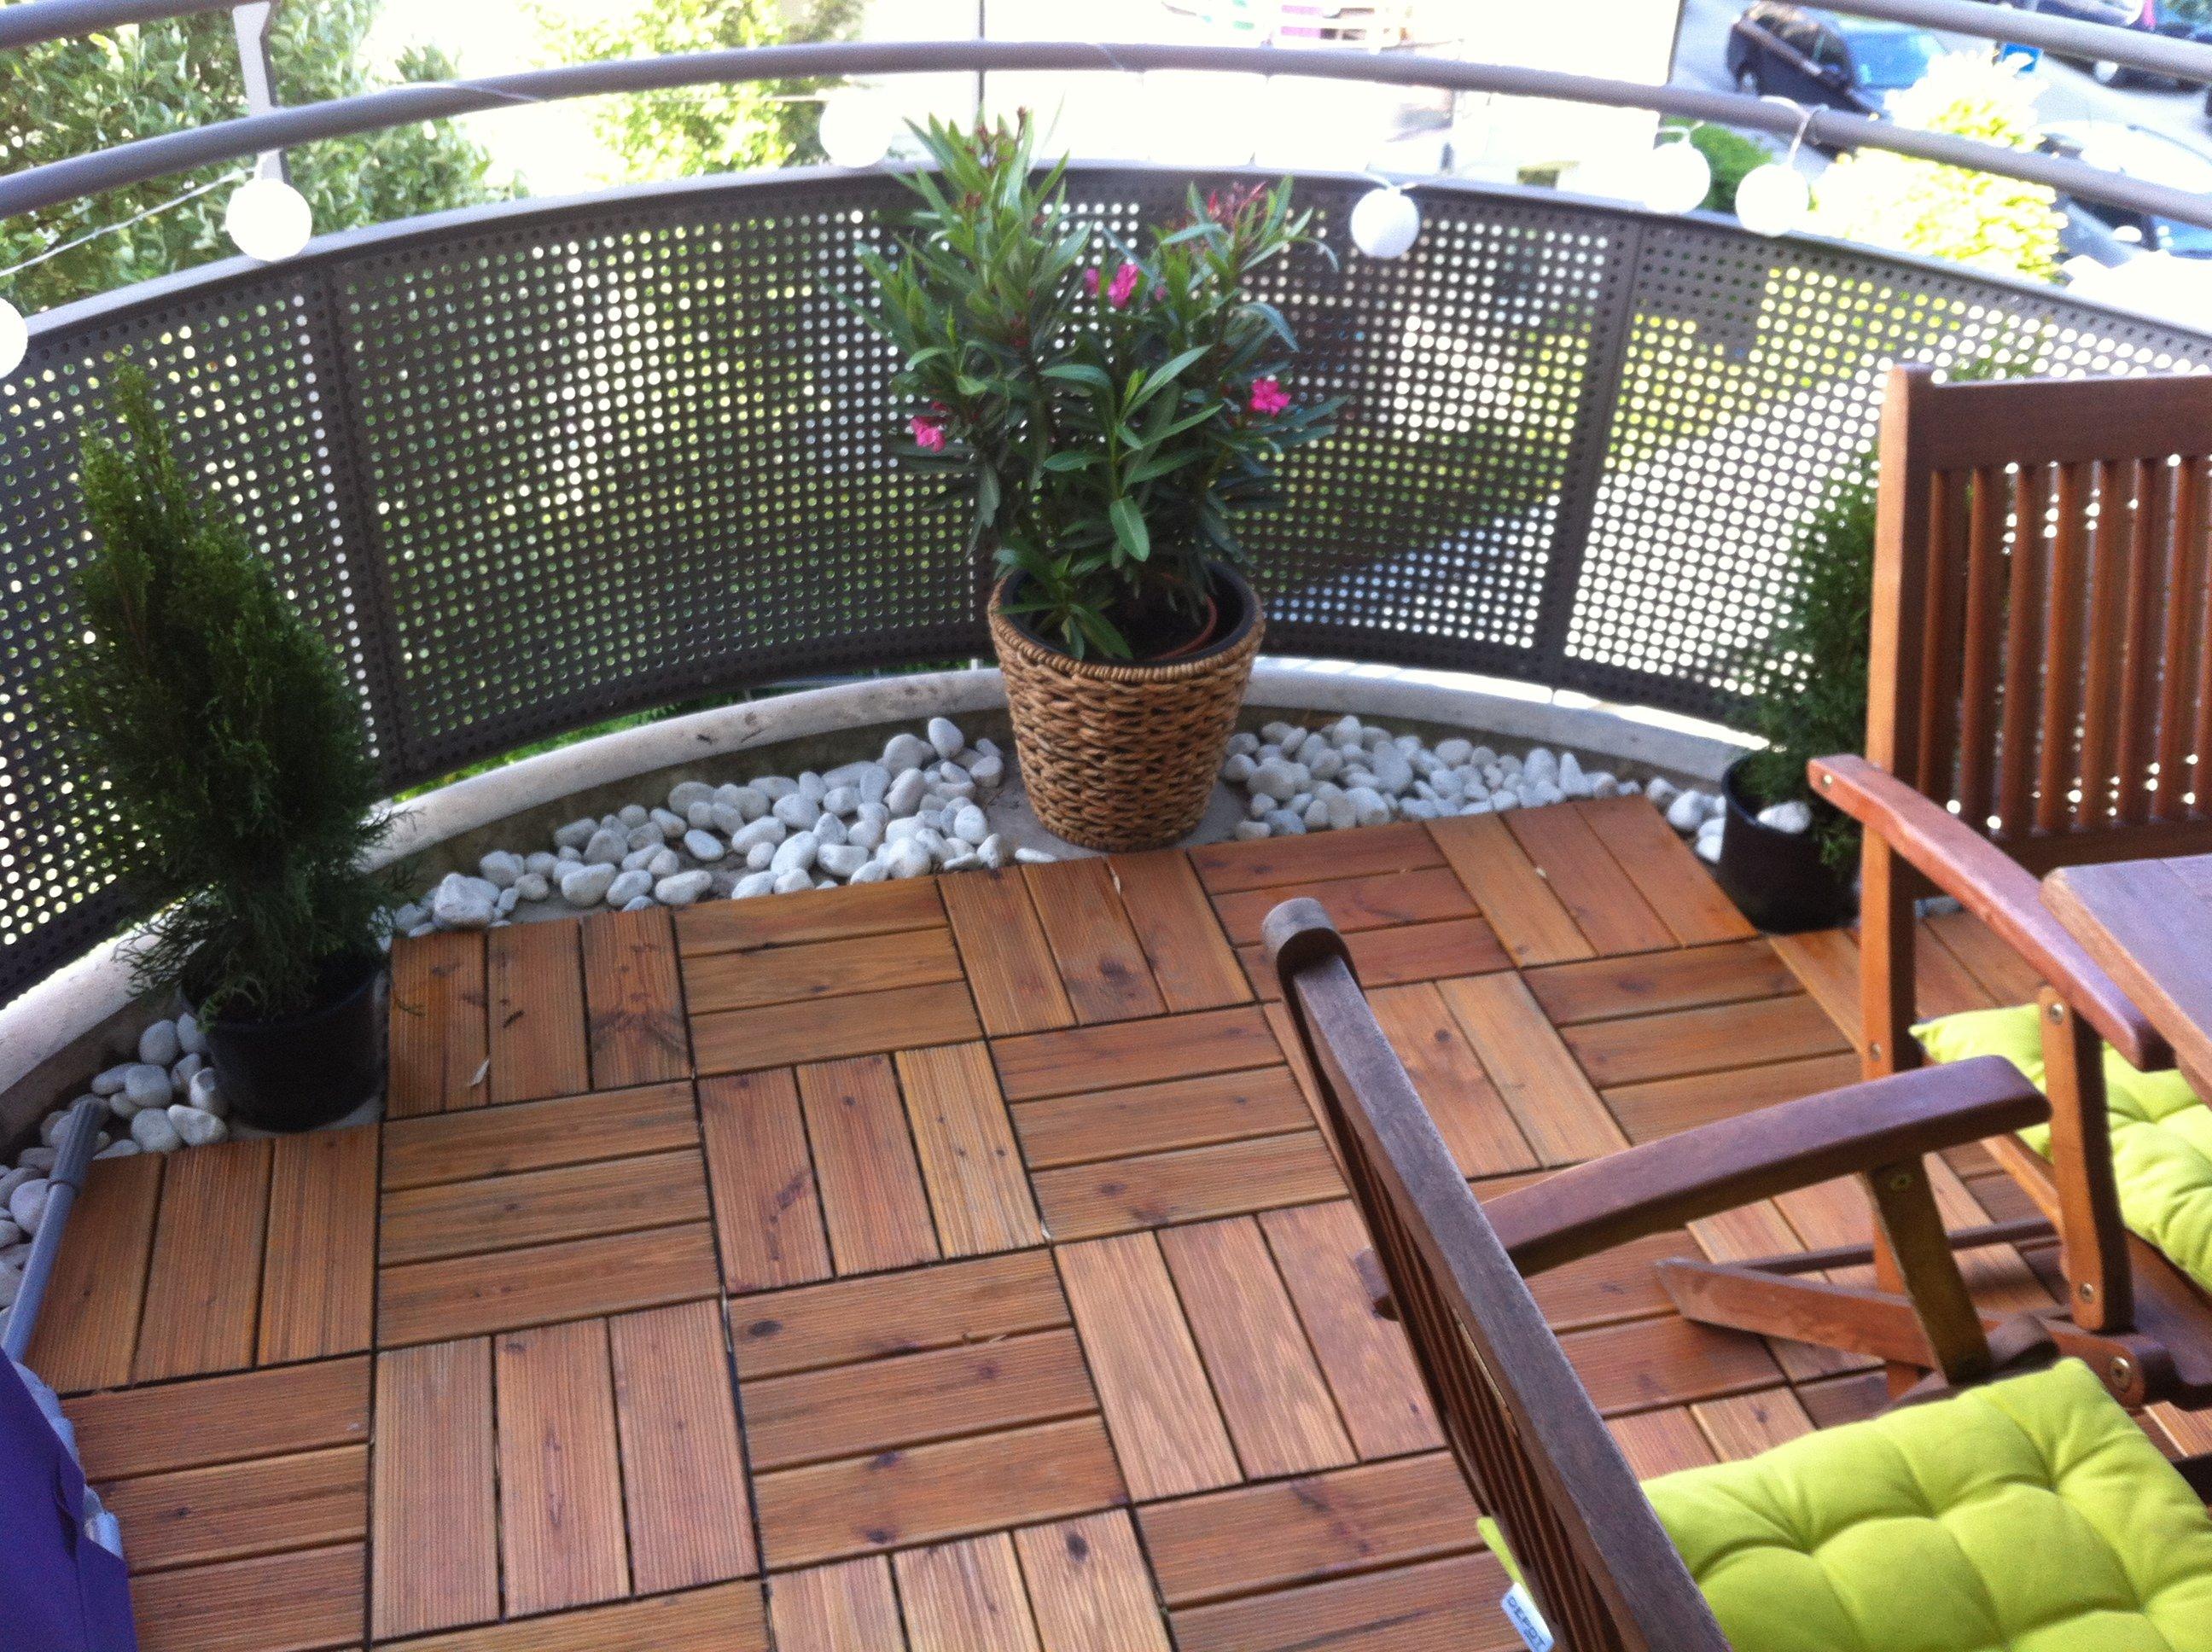 Terrasse Balkon Klein Aber Fein Von Kiwimuc 29169 Zimmerschau